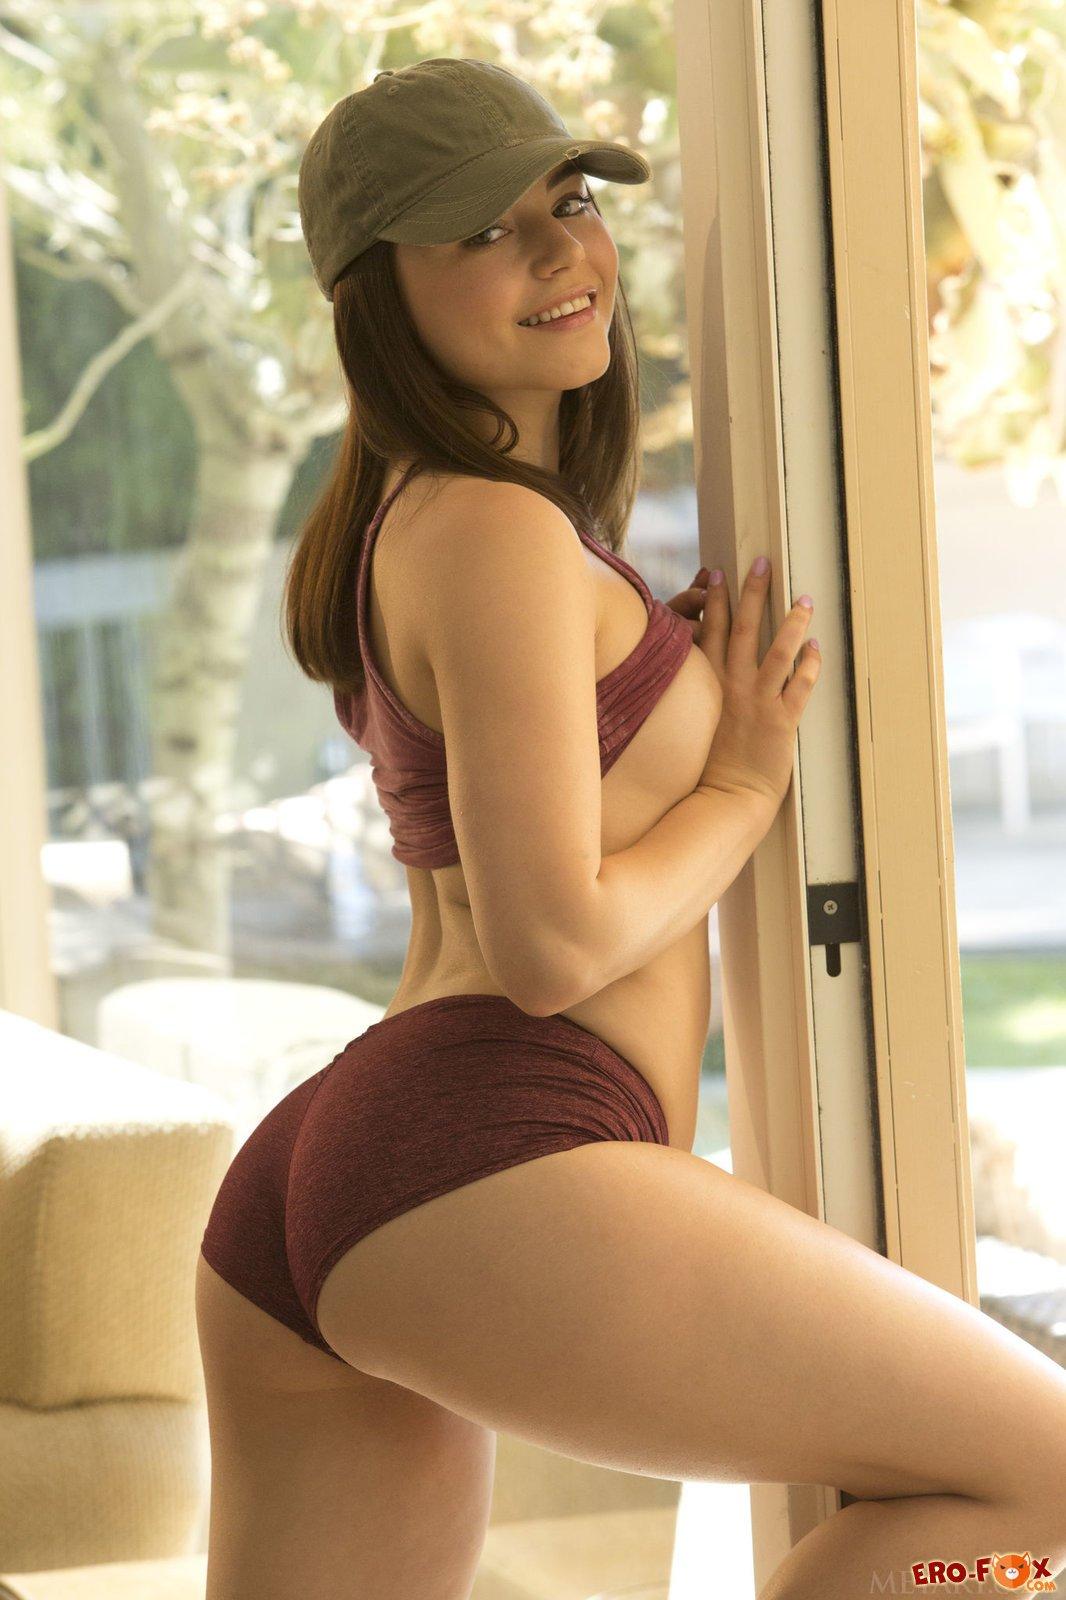 Сексуальная девушка с красивой попой и бритой киской .